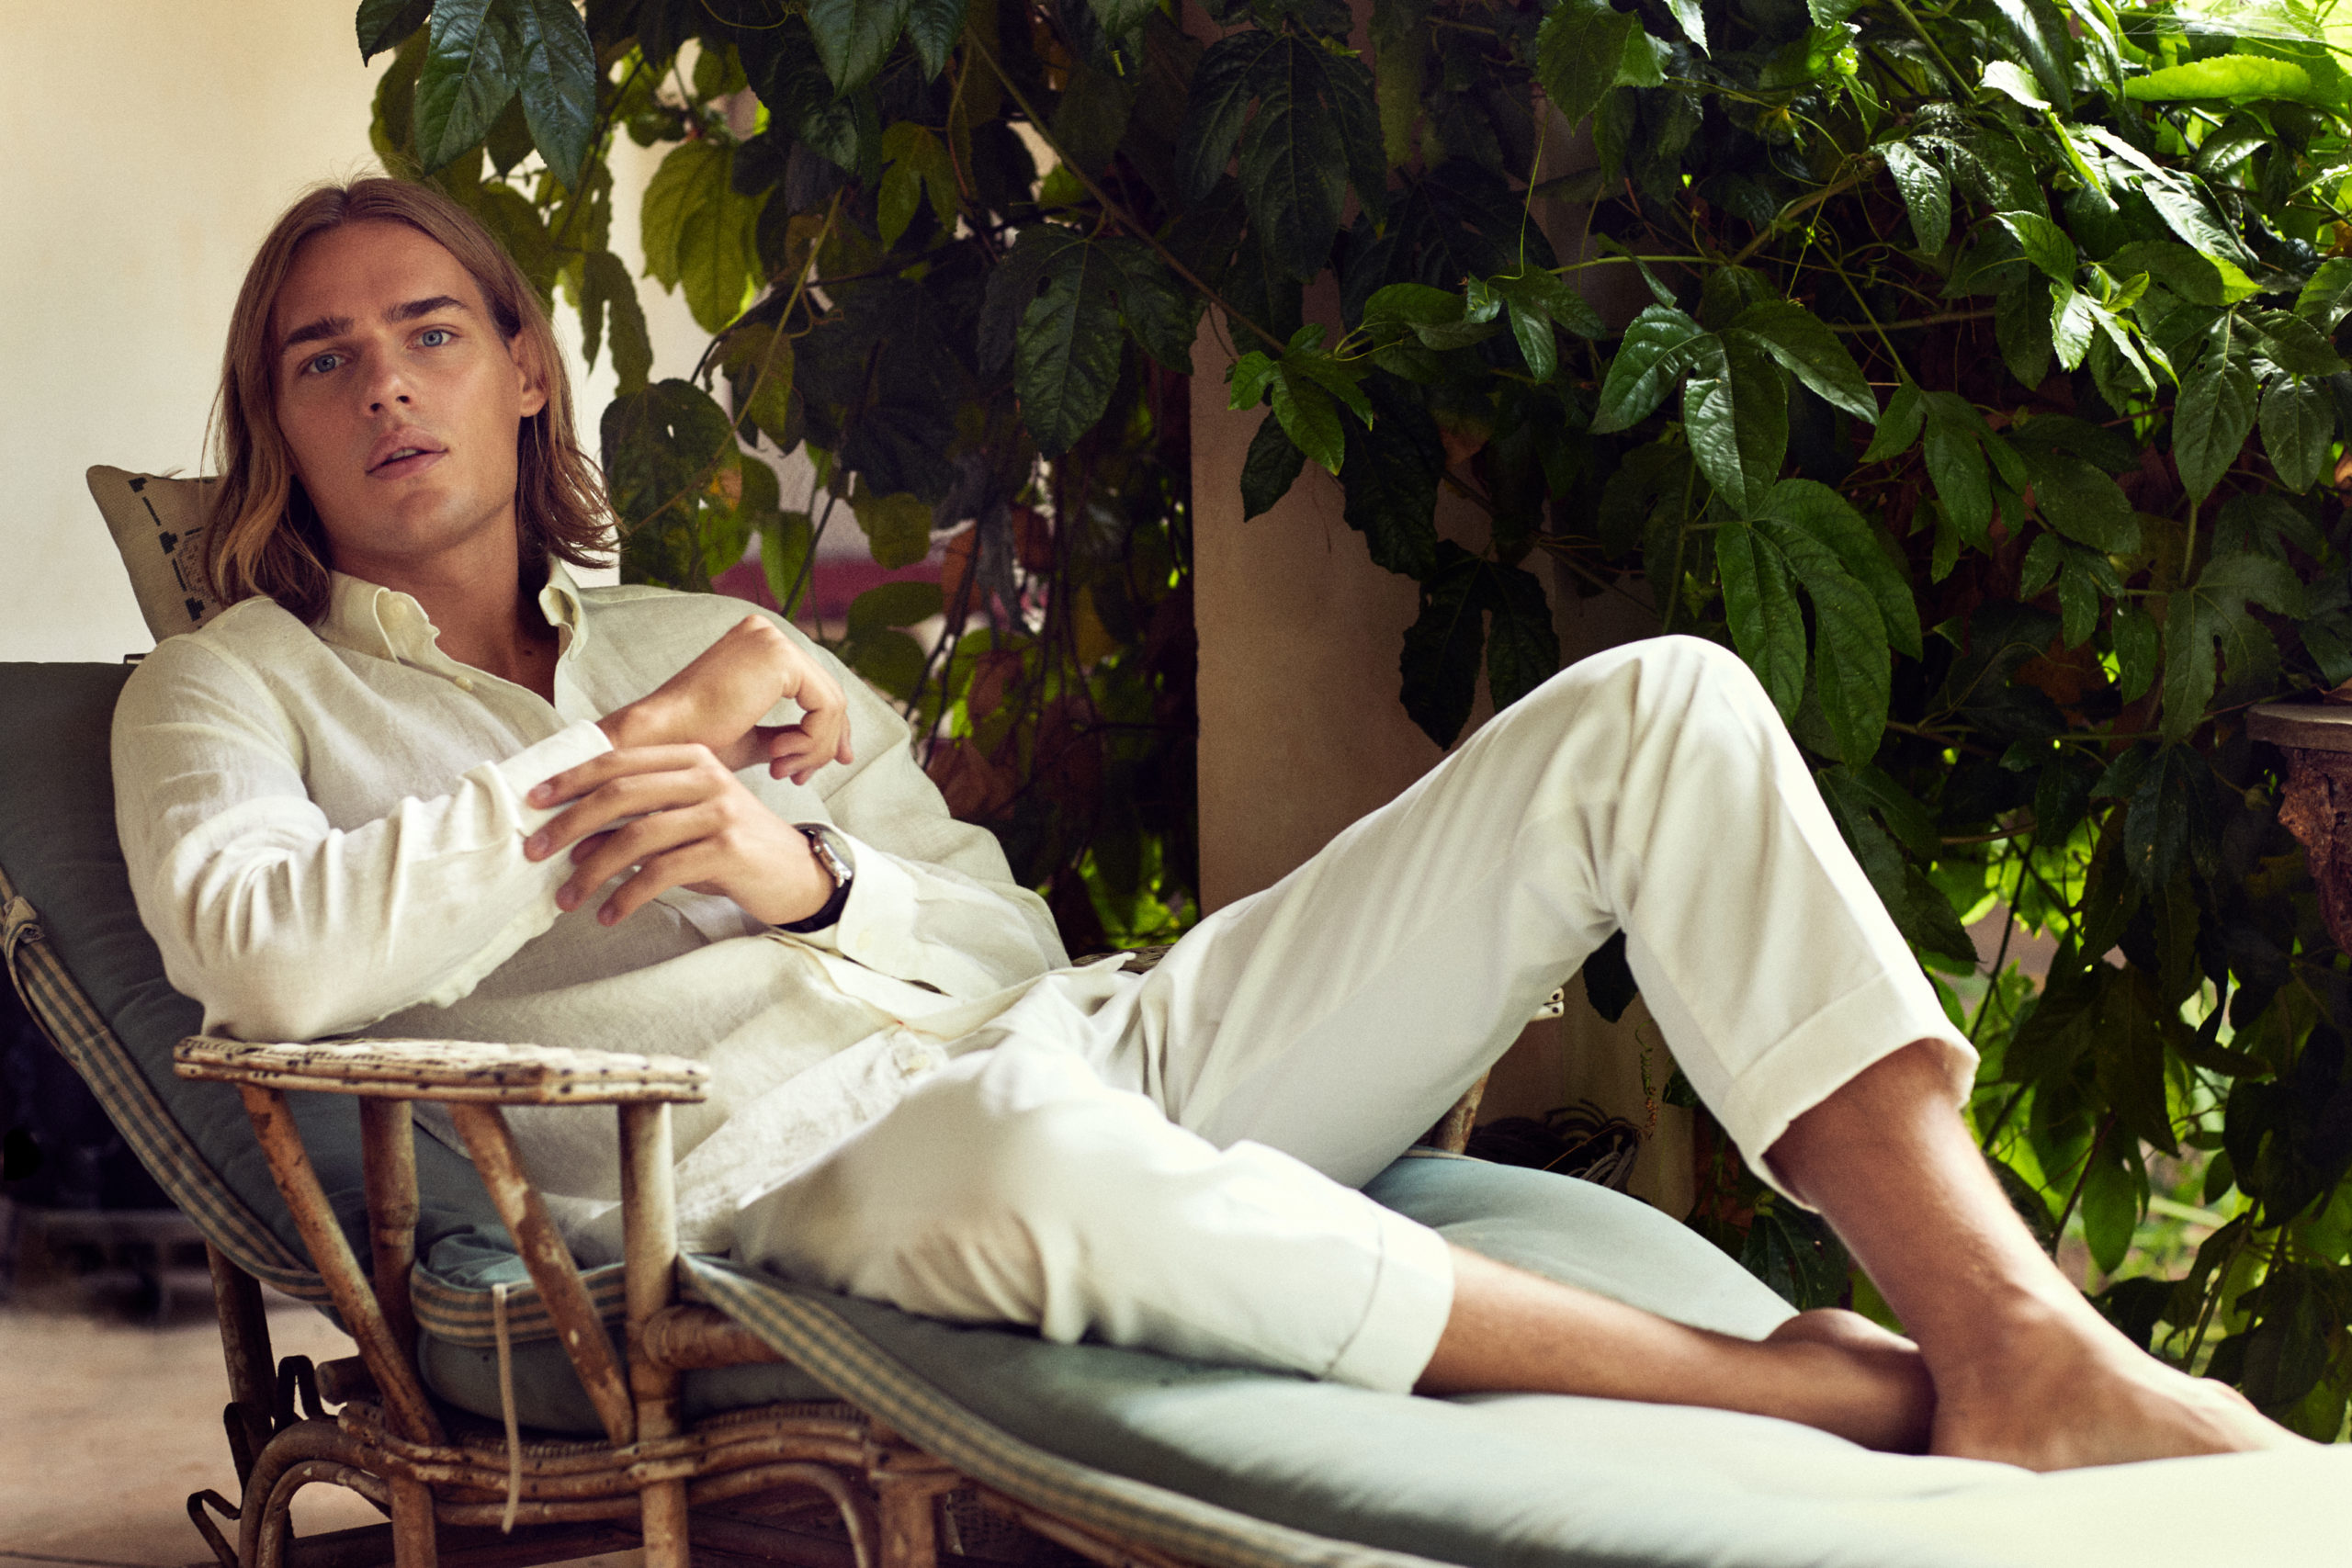 Se Morris nya vårkollektion – inspirerad av Brigitte Bardot och playboyen Gunter Sachs